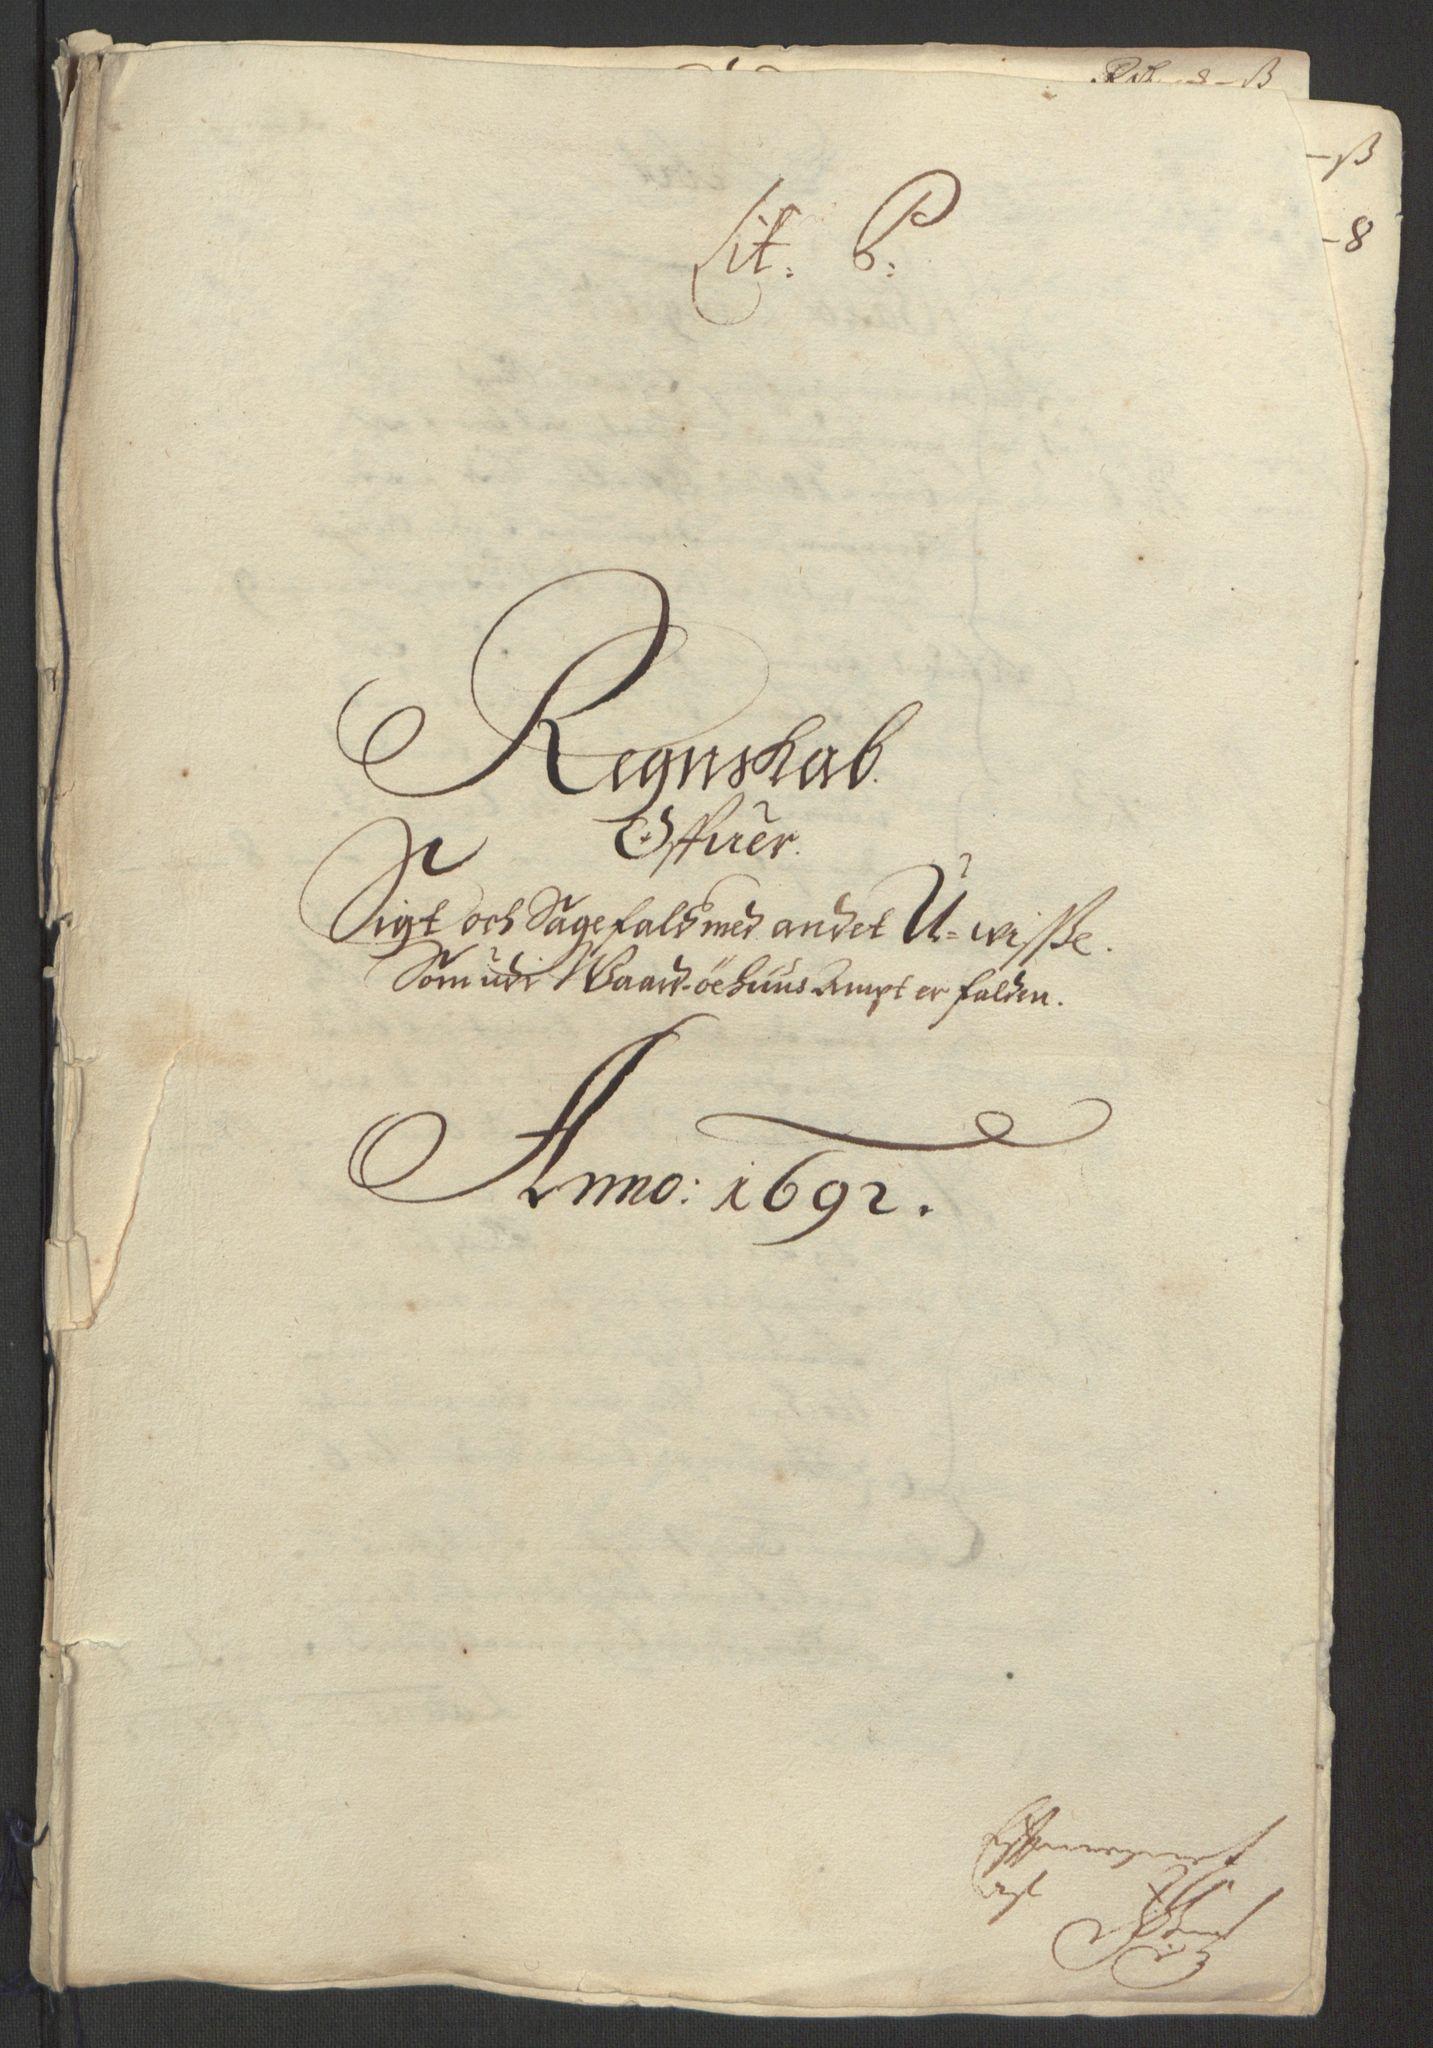 RA, Rentekammeret inntil 1814, Reviderte regnskaper, Fogderegnskap, R69/L4851: Fogderegnskap Finnmark/Vardøhus, 1691-1700, s. 175